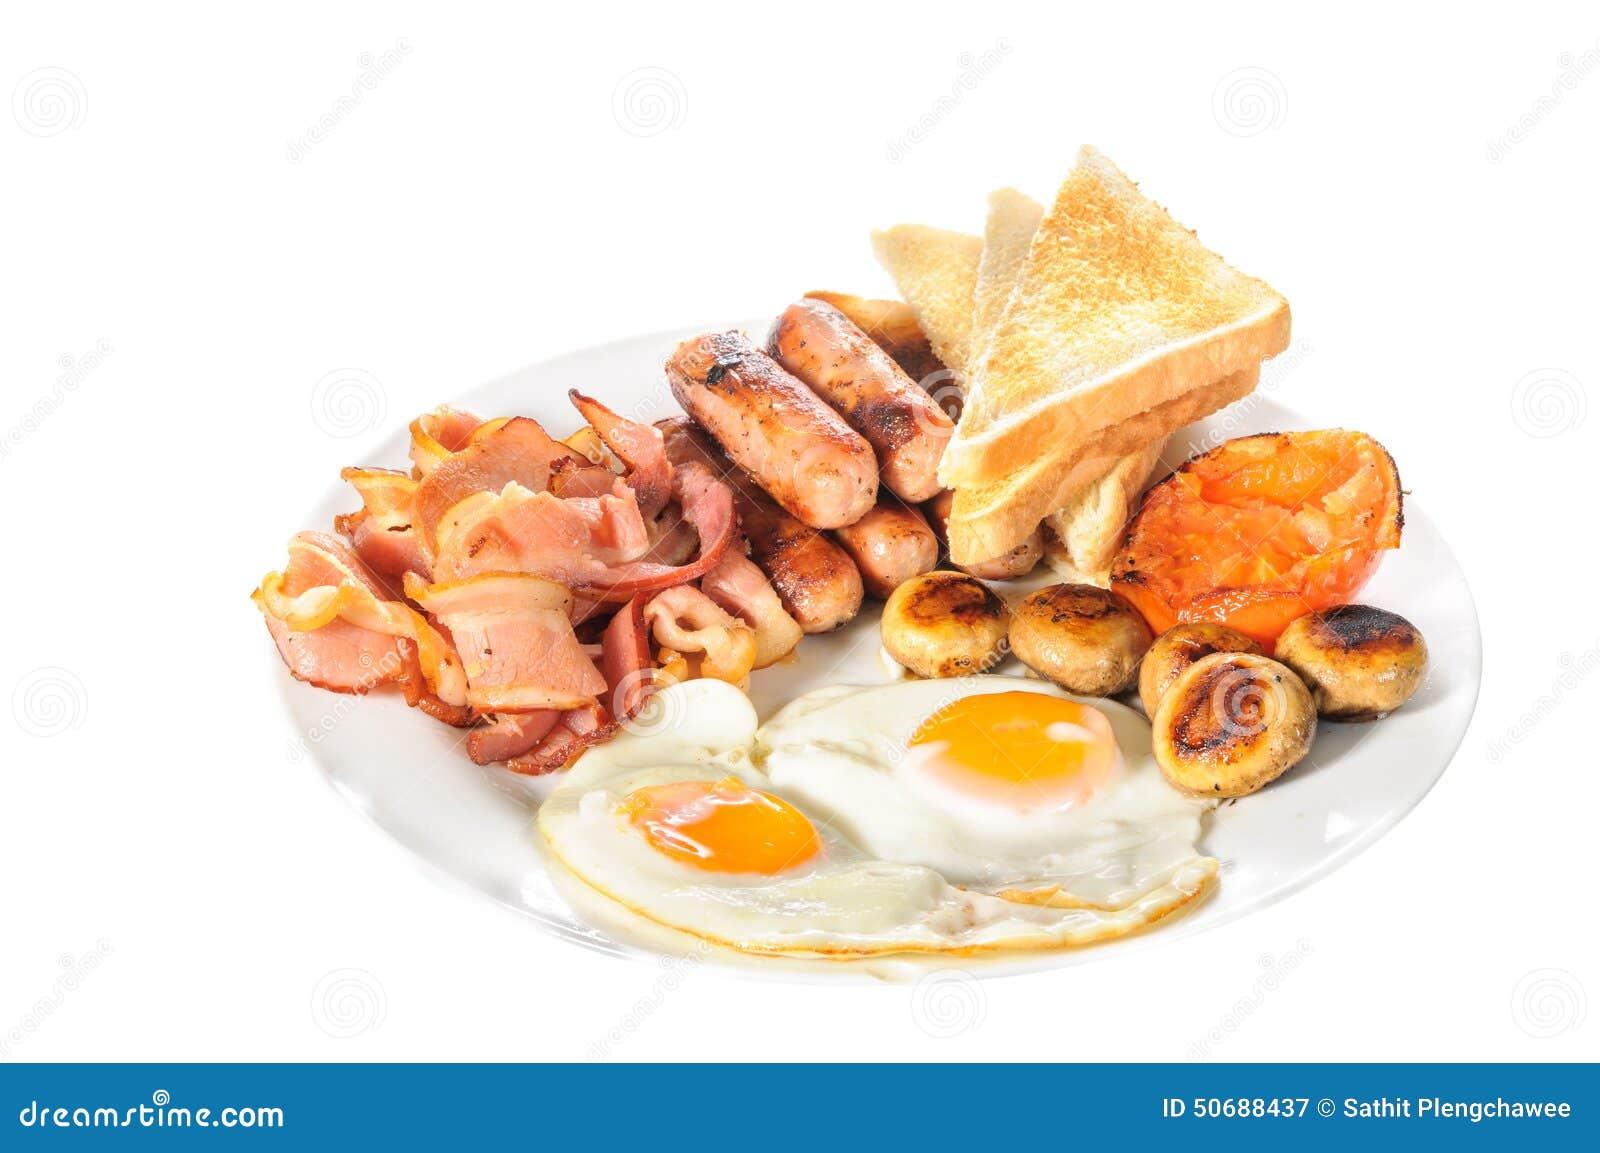 Download 英国大早餐 库存图片. 图片 包括有 猪肉, 制动手, 多士, 查出, 牌照, 调味汁, 袋子, 油煎, 香肠 - 50688437